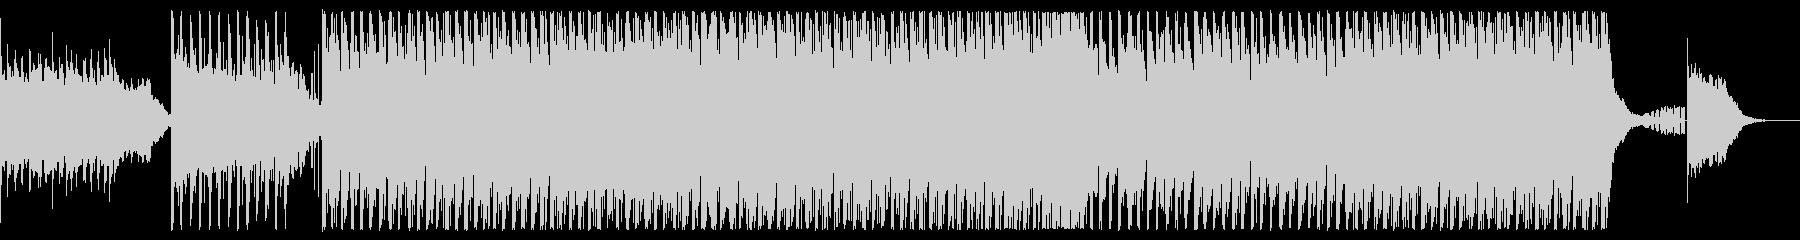 ポップ テクノ ハウス ダンス プ...の未再生の波形